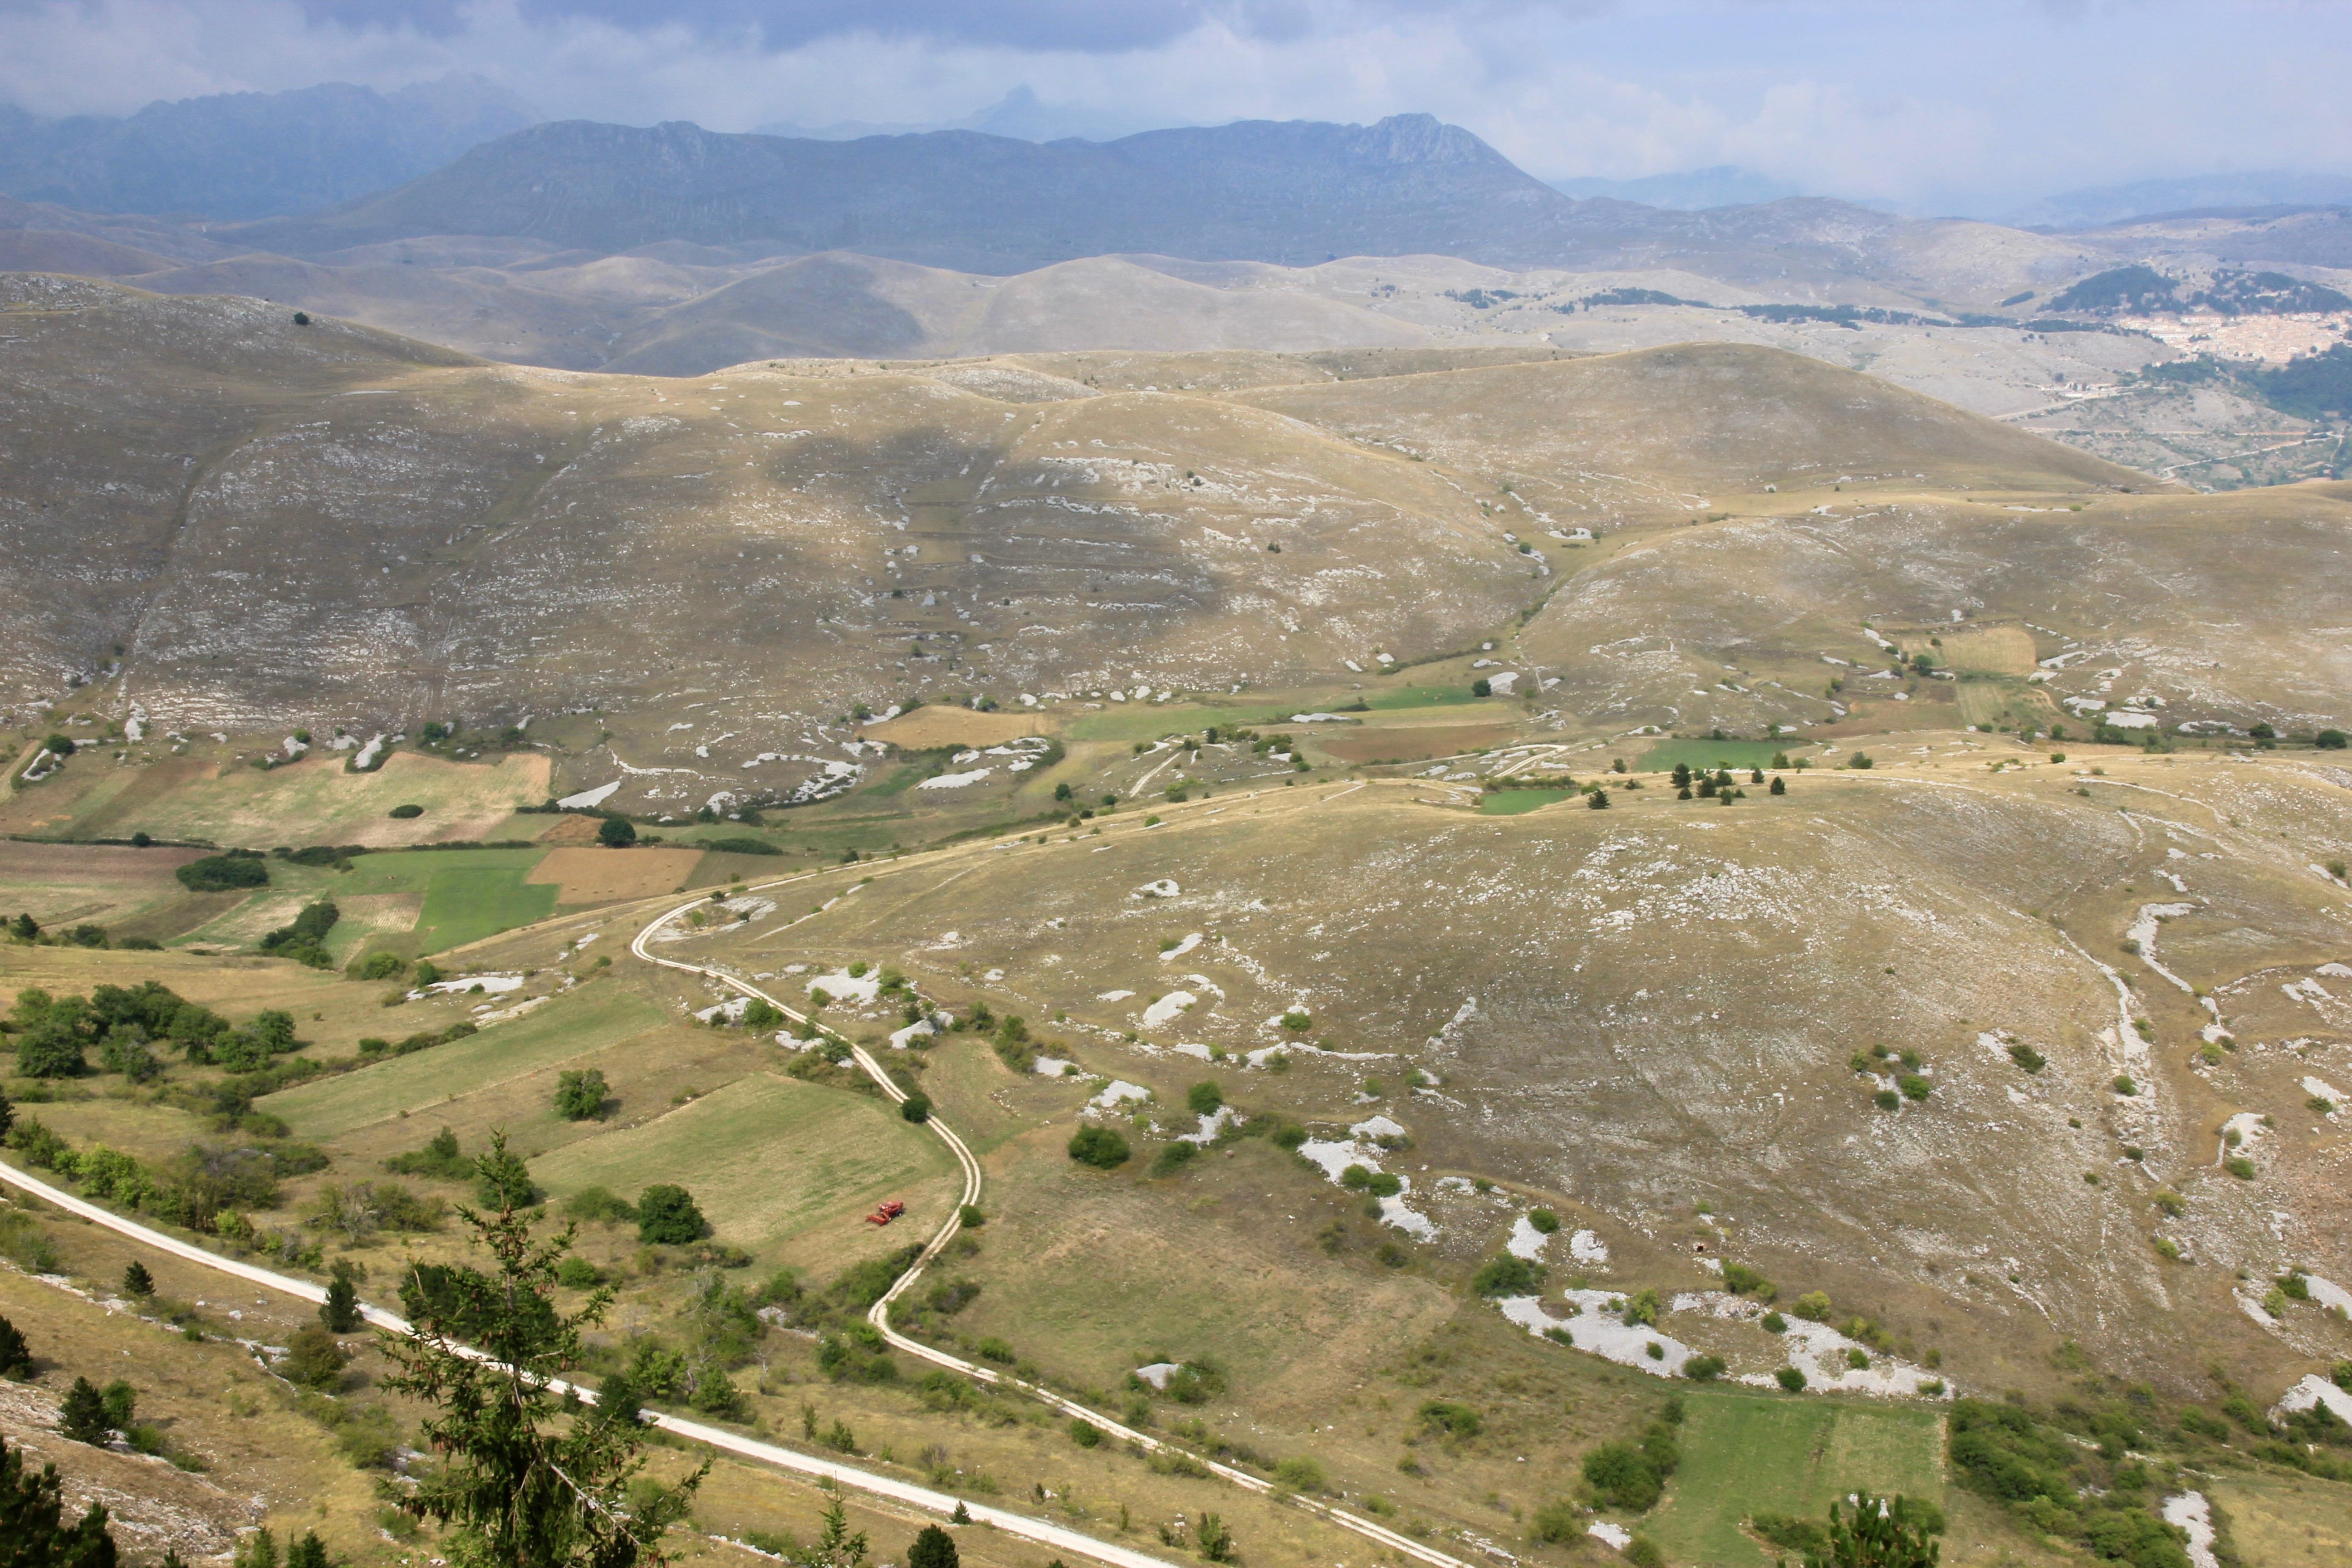 Campo Imperatore, Abruzzo